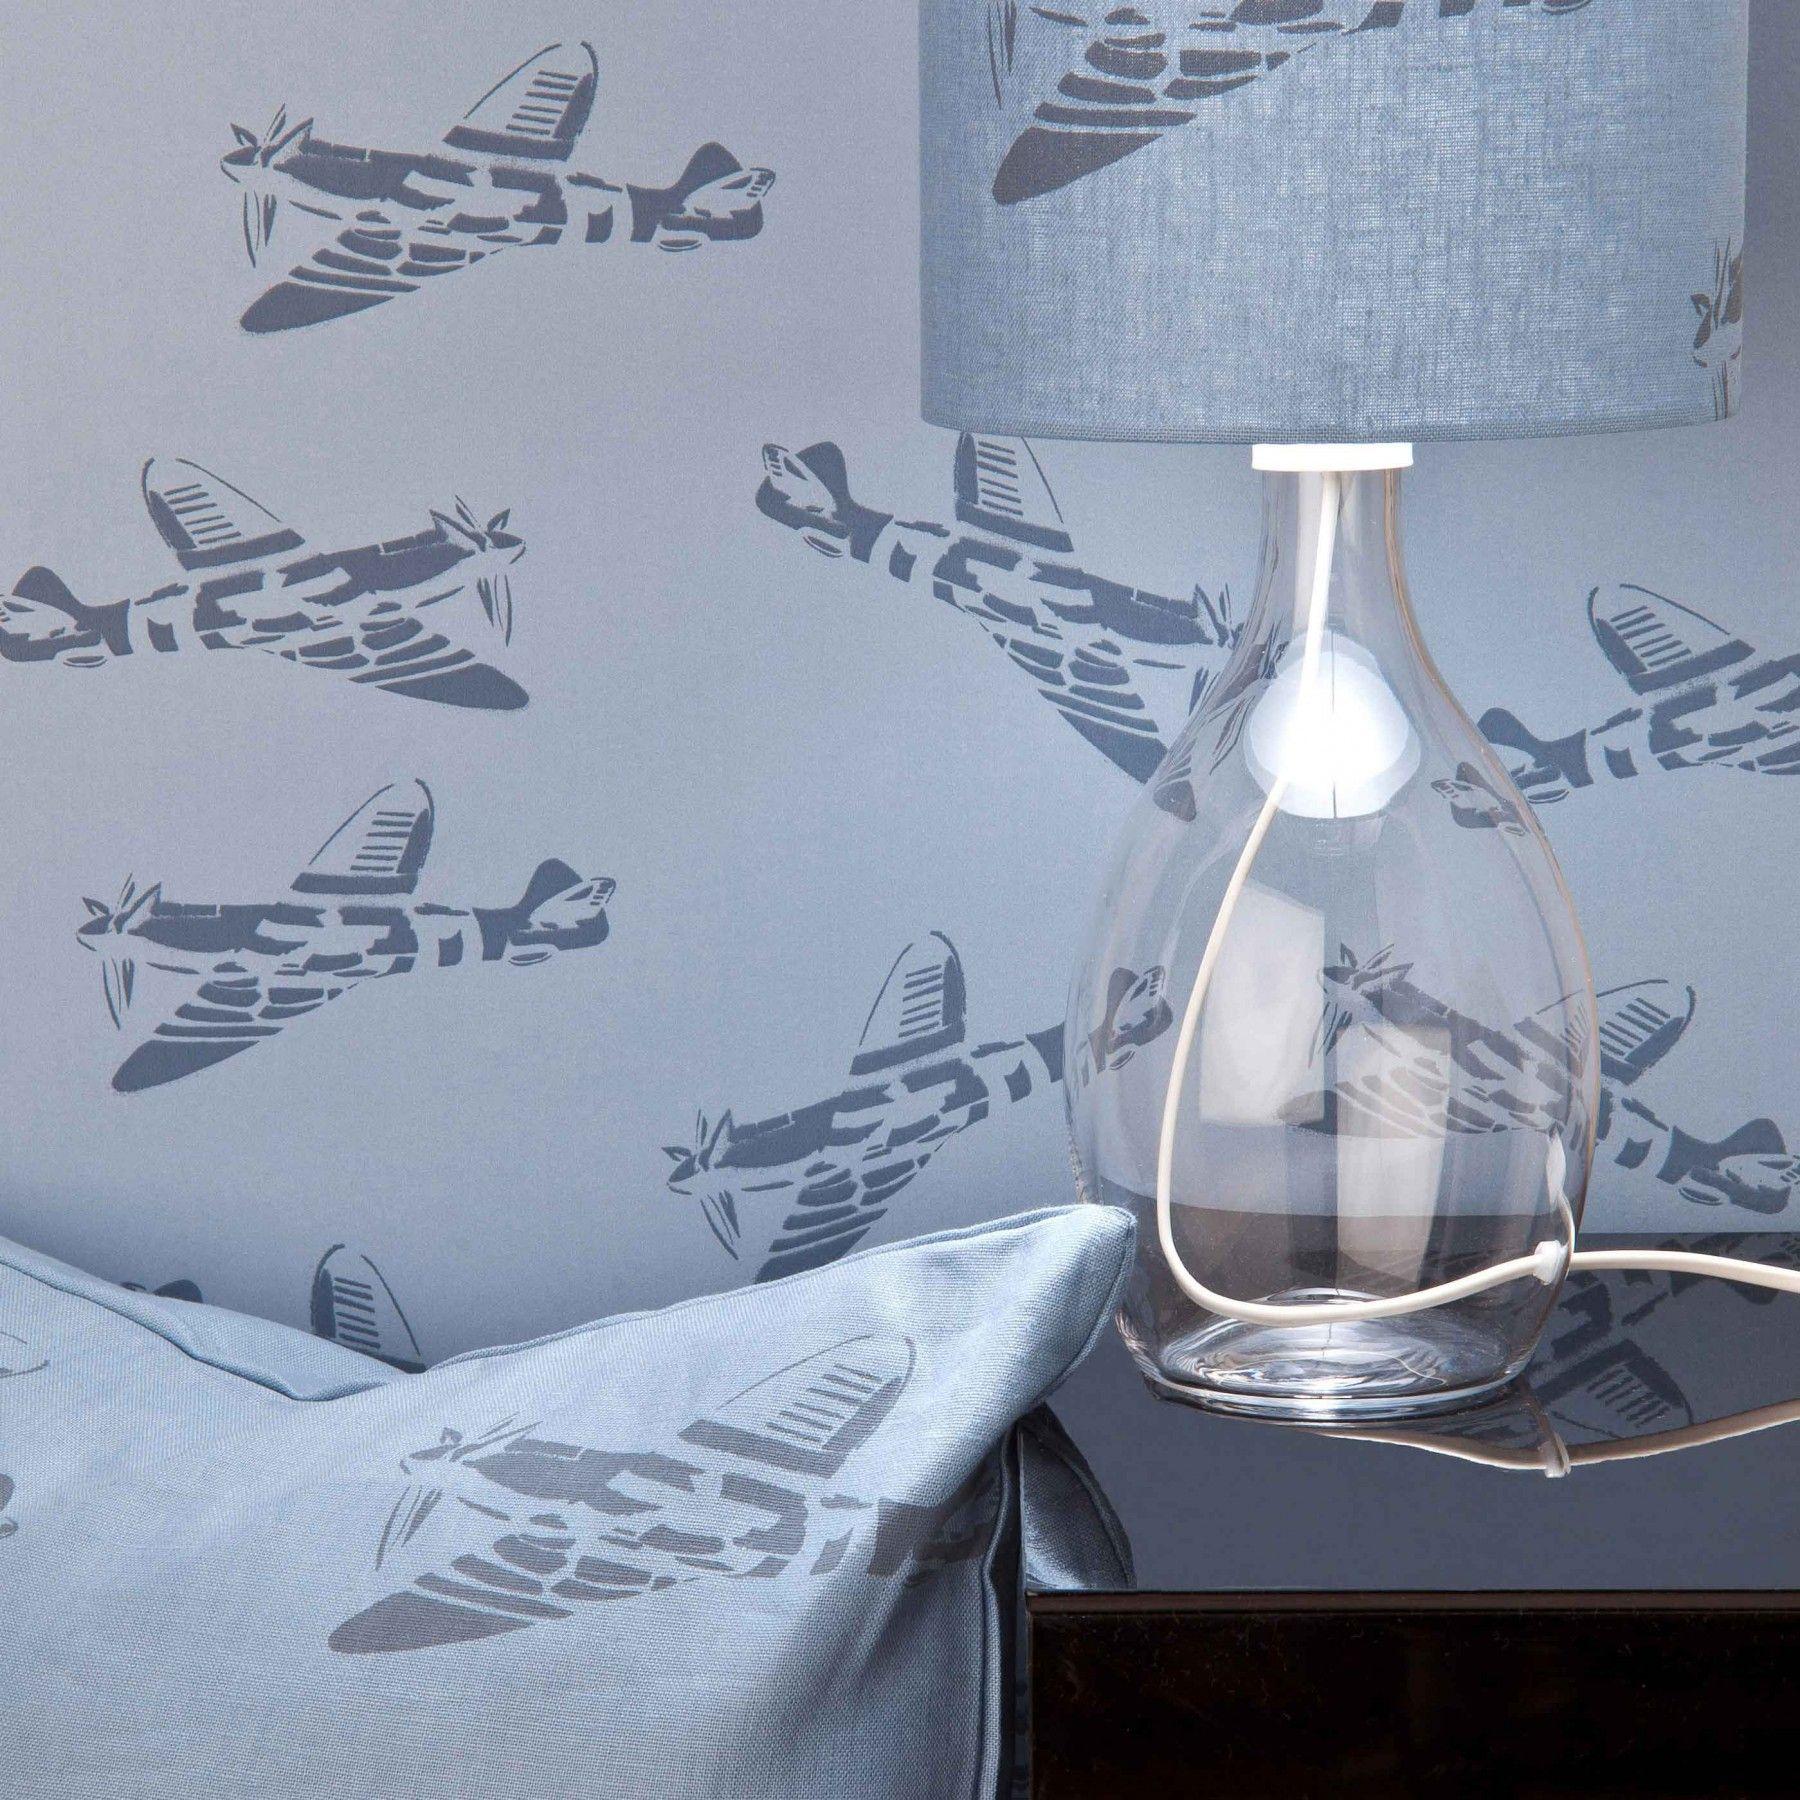 Modern Wallpaper For Bedrooms Blue Spitfire Wallpaper For Kids Spitfires Paperboy Planes